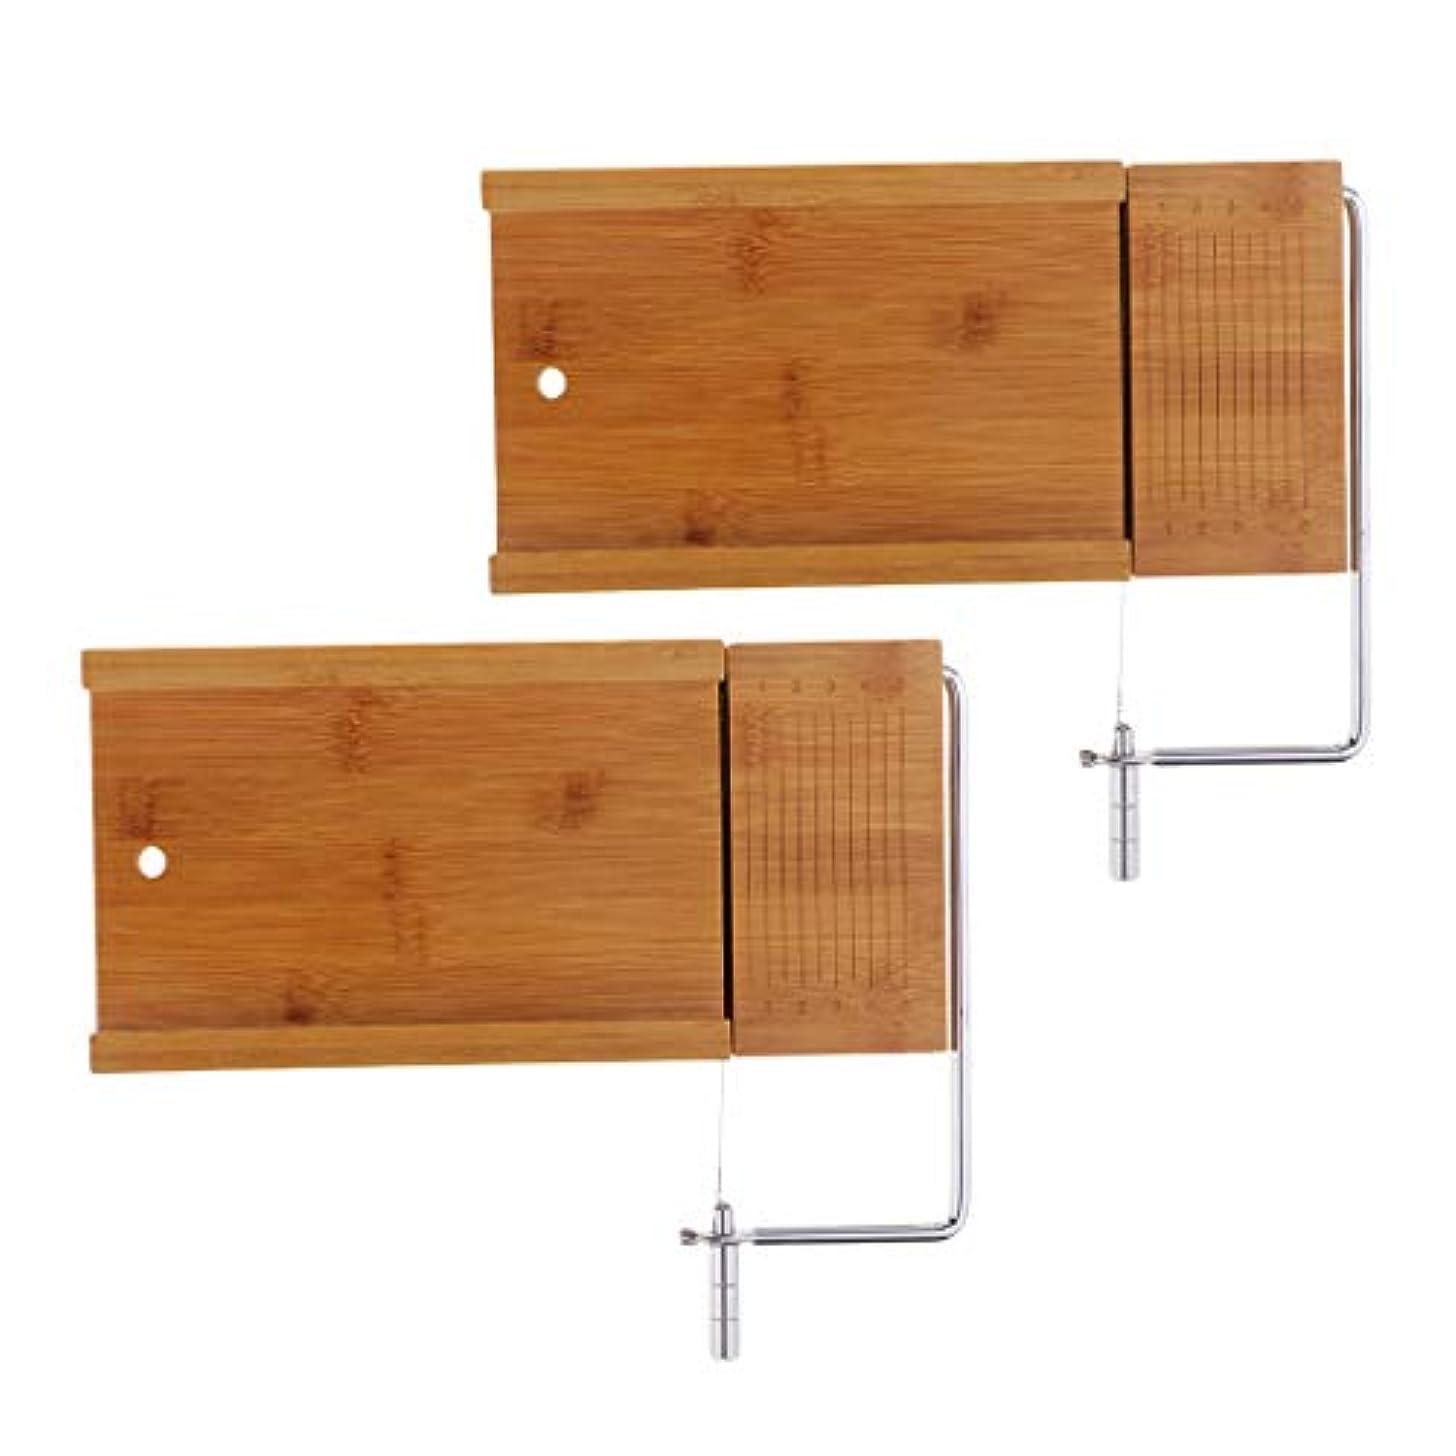 相関する滅多直径gazechimp 2個入り ソープスライサー ソープカッター 台 木質 せっけんカッター ワイヤー 石鹸切削工具 耐久性